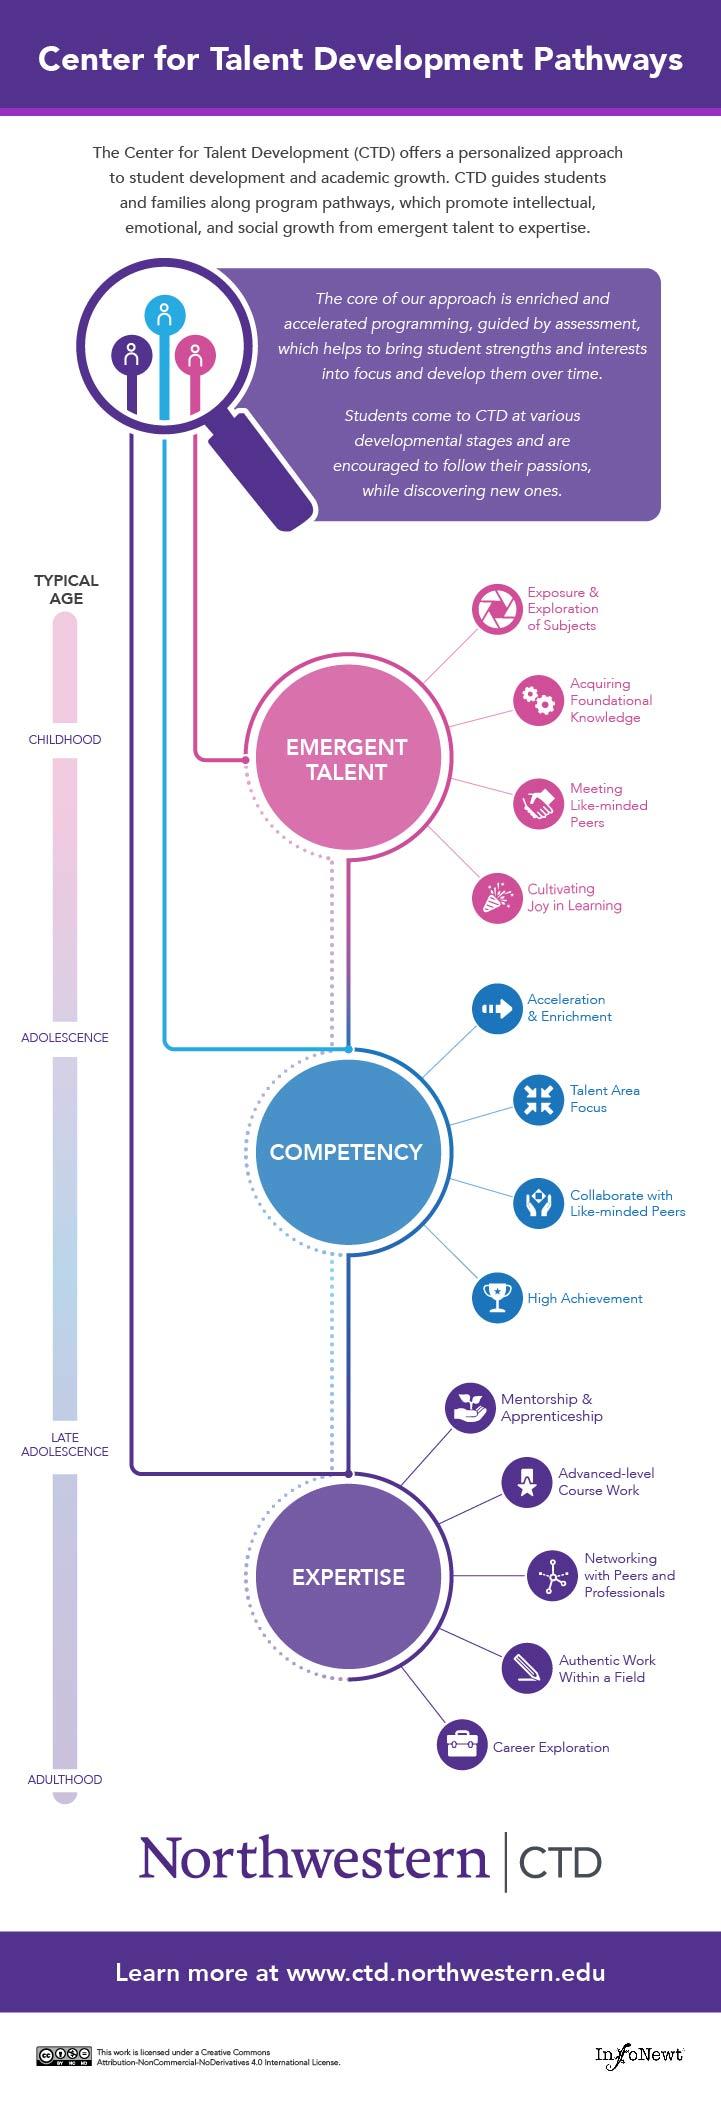 Northwestern University Center for Talent Development Pathways